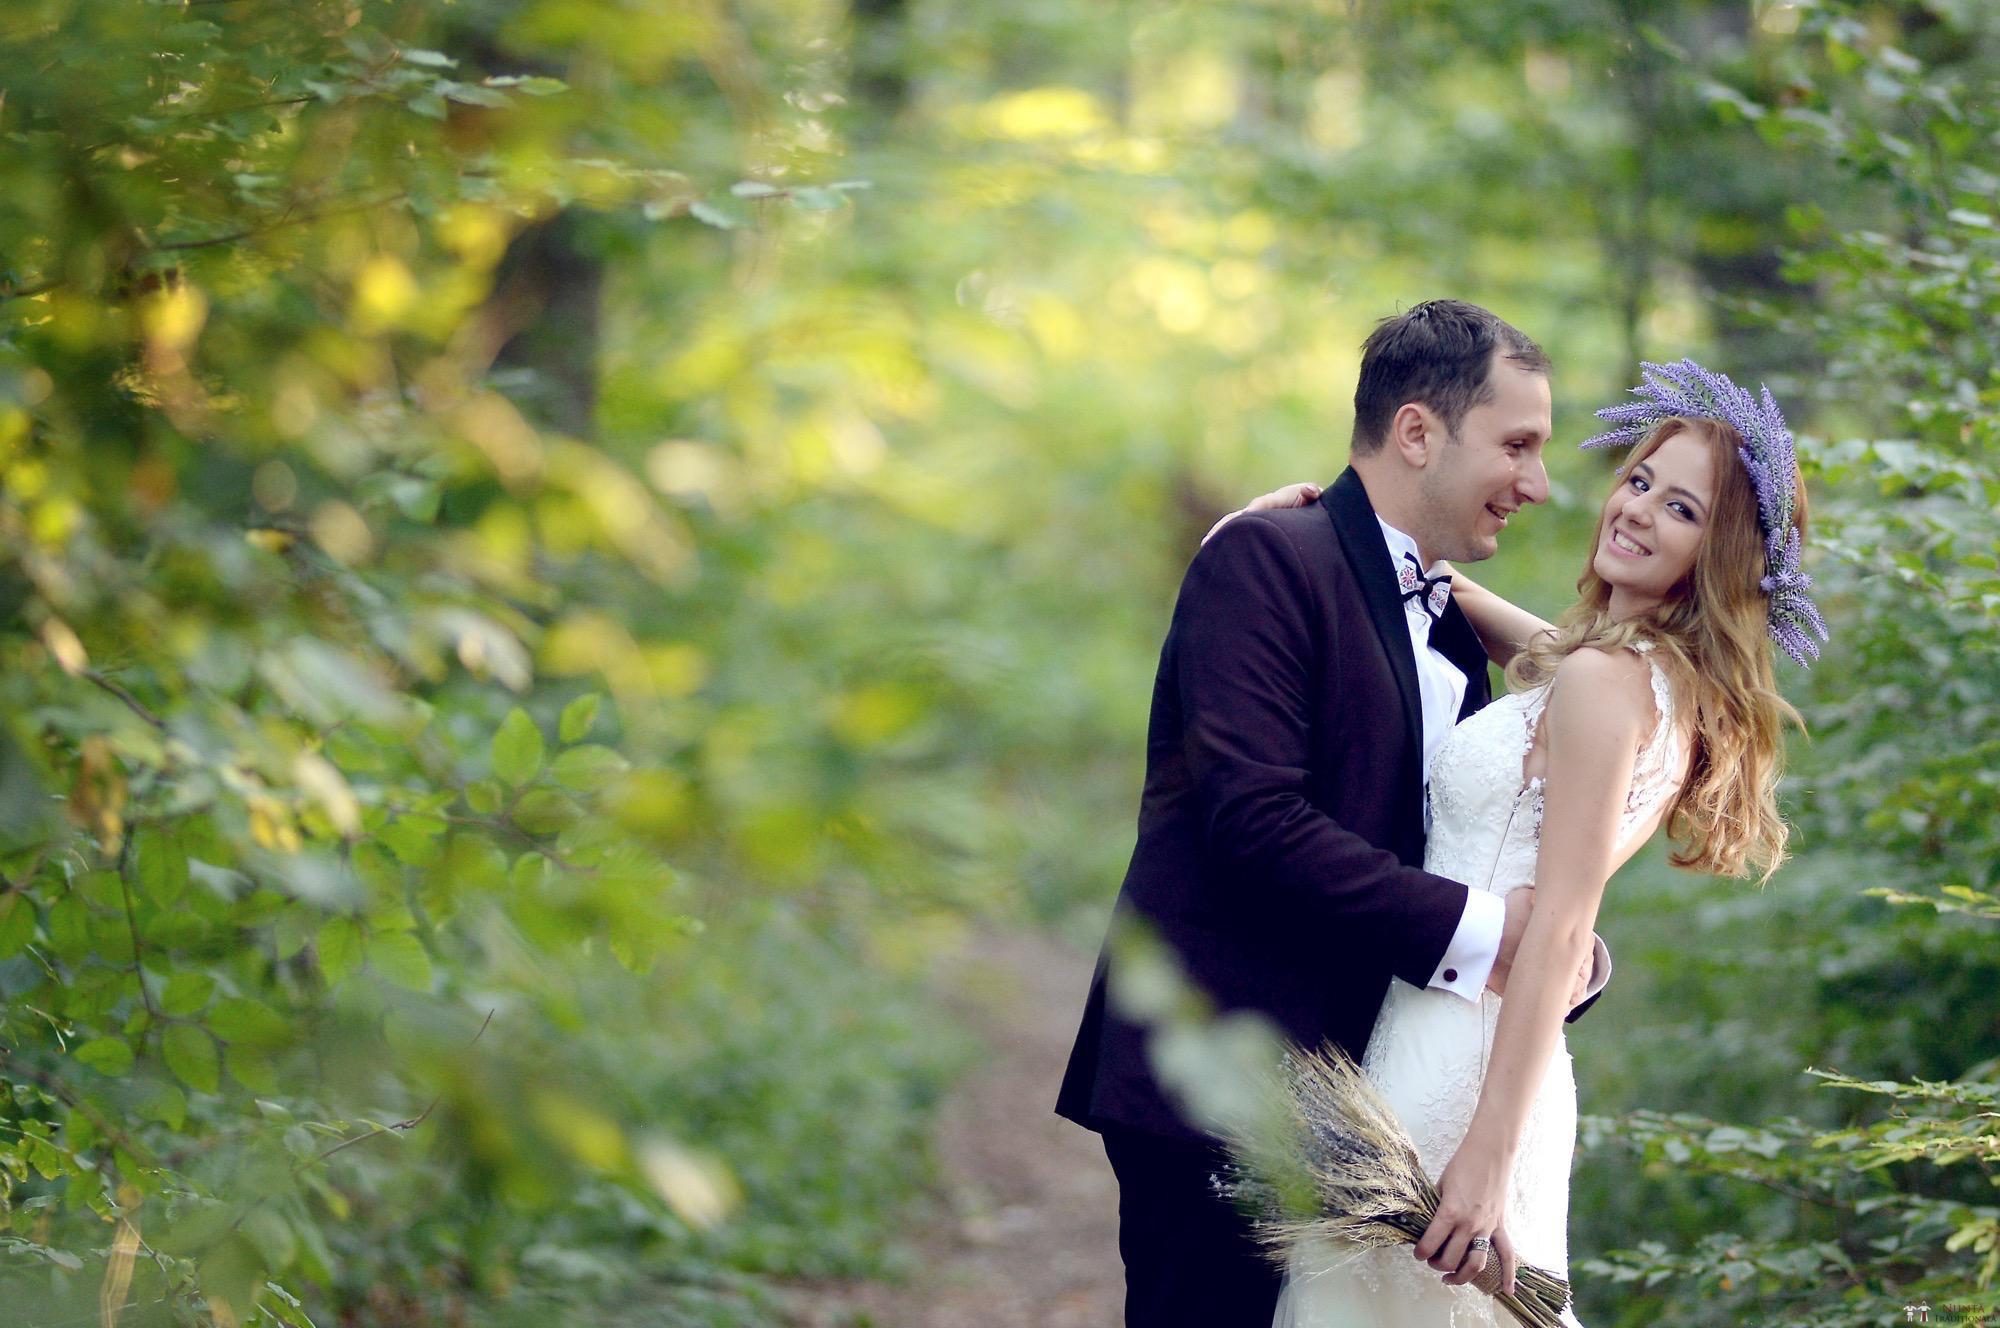 Povești Nunți Tradiționale - Iulia și Andrei. Nuntă tradițională în Bucovina. 84